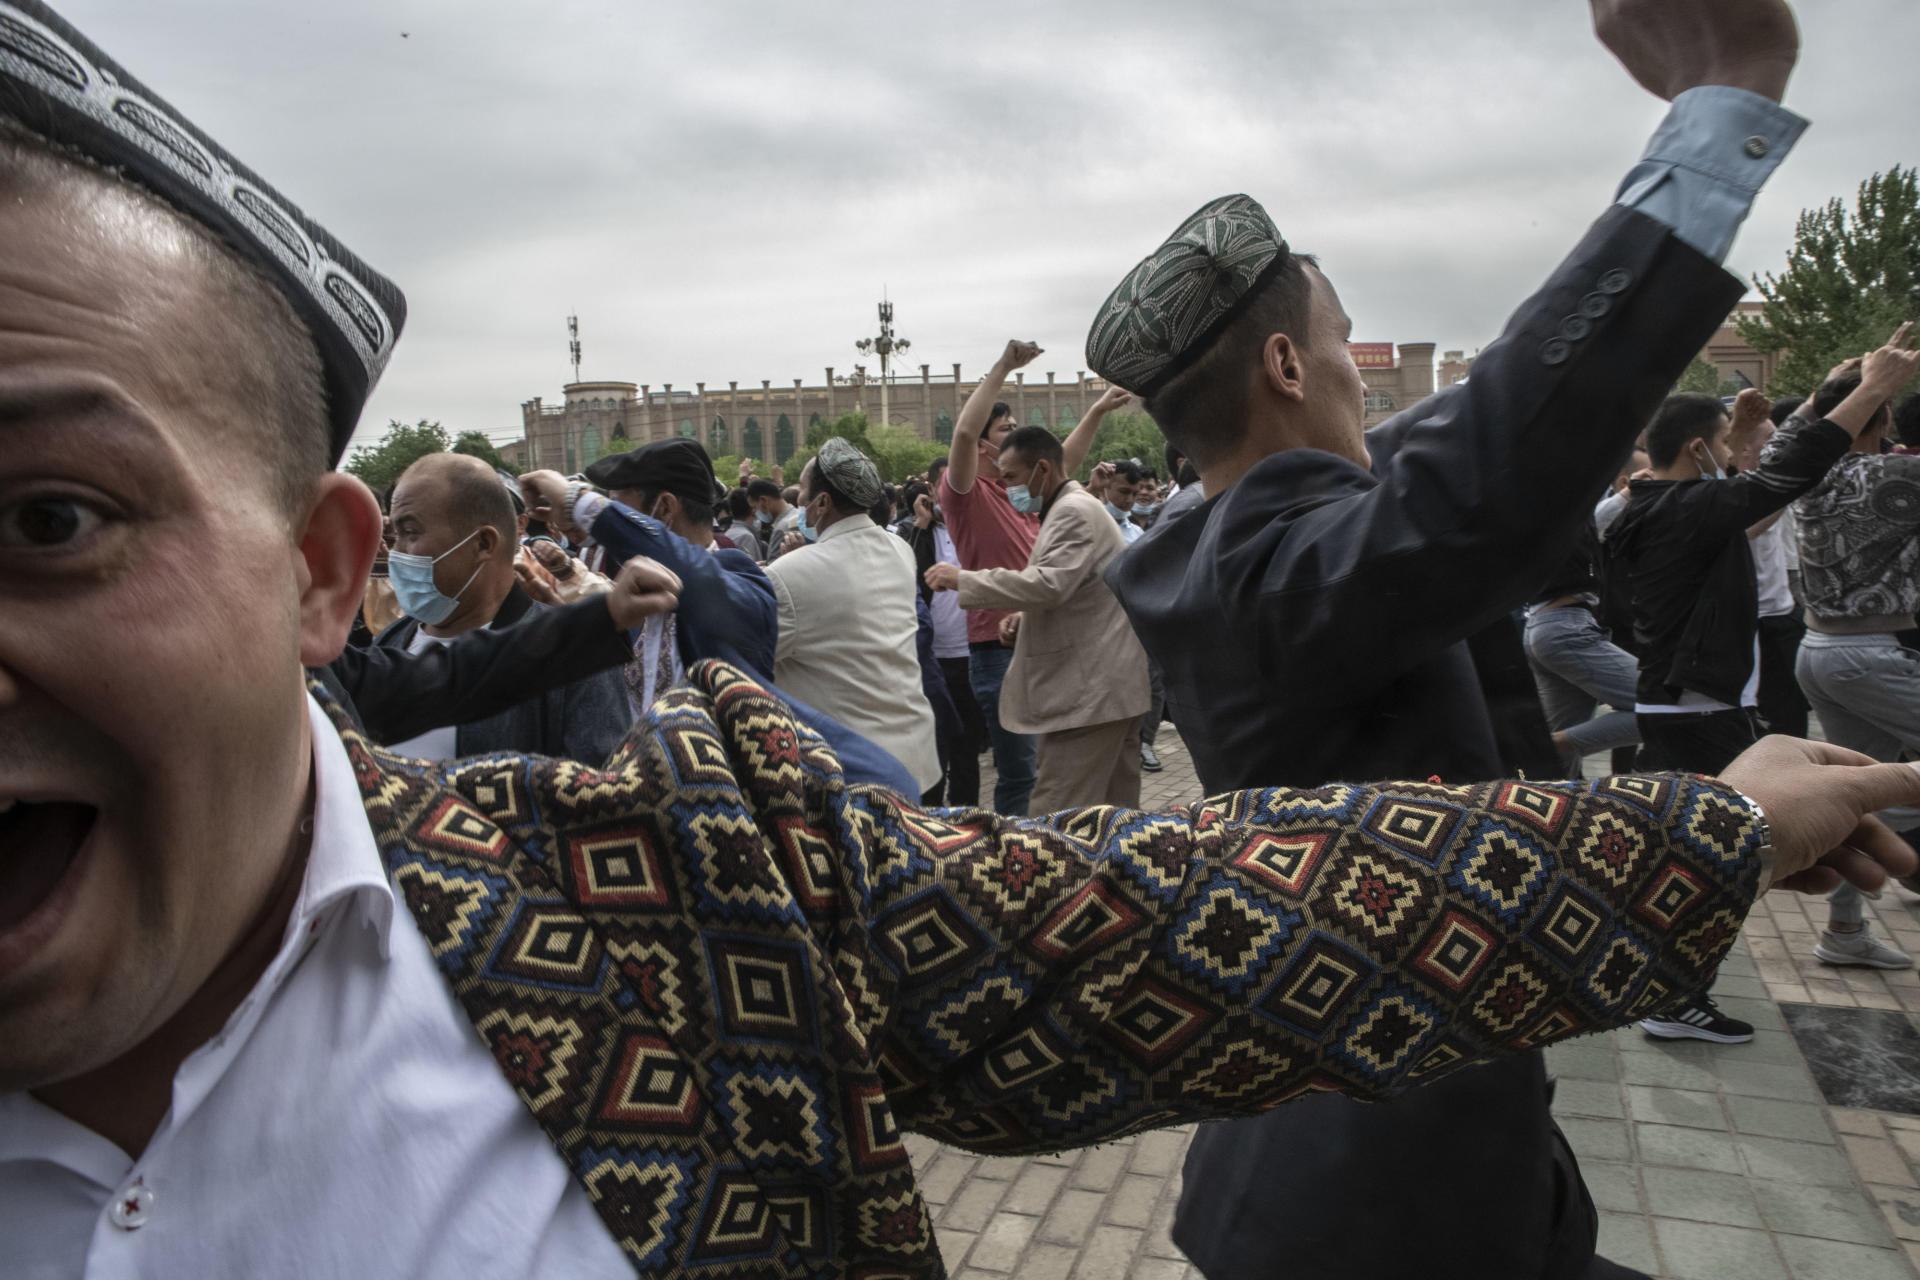 Devant la mosquée Id Kah le jour de l'Aïd el-Fitr, une foule de Ouïgours danse pour célébrer la fin du ramadan, à Kachgar, le 13 mai 2021.